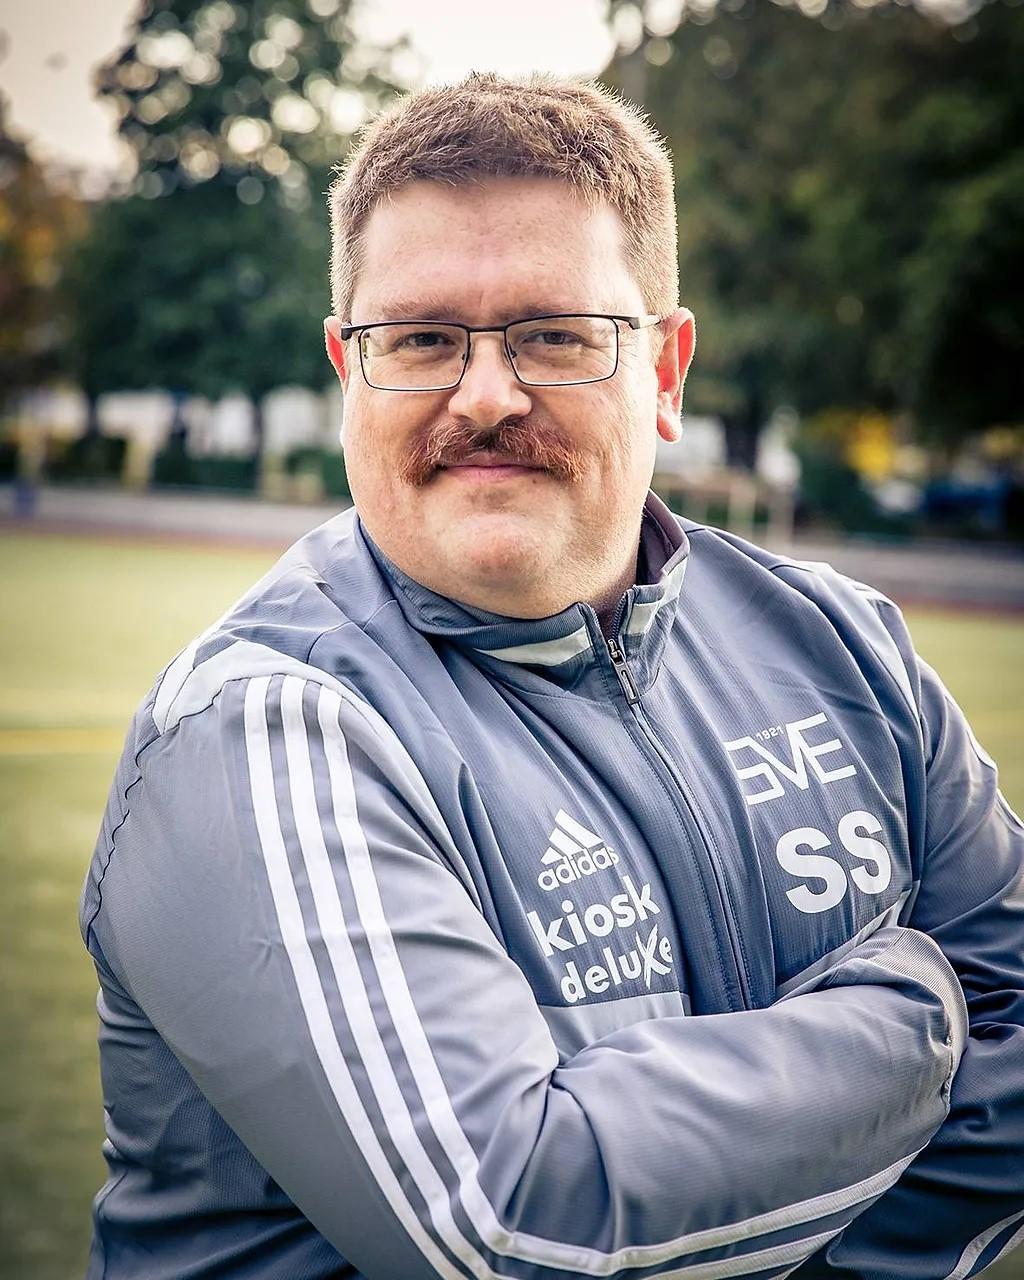 Stefan Schauss